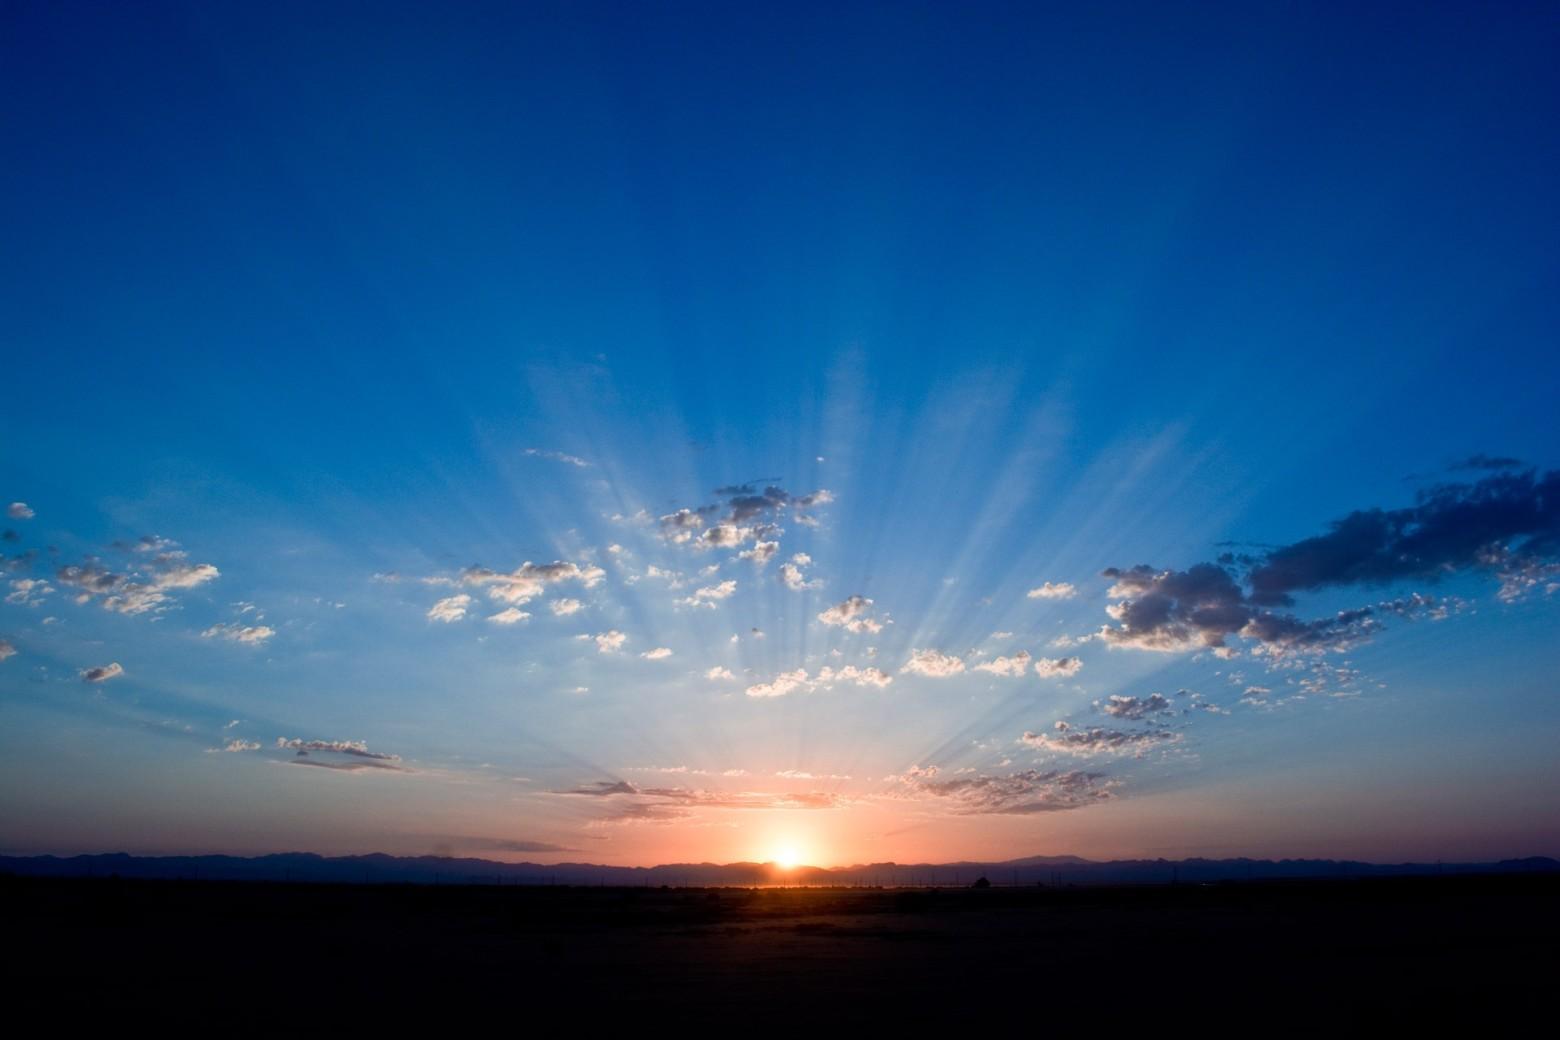 Lever Du Soleil Ciel Bleu Photos Gratuites Images Gratuites Et